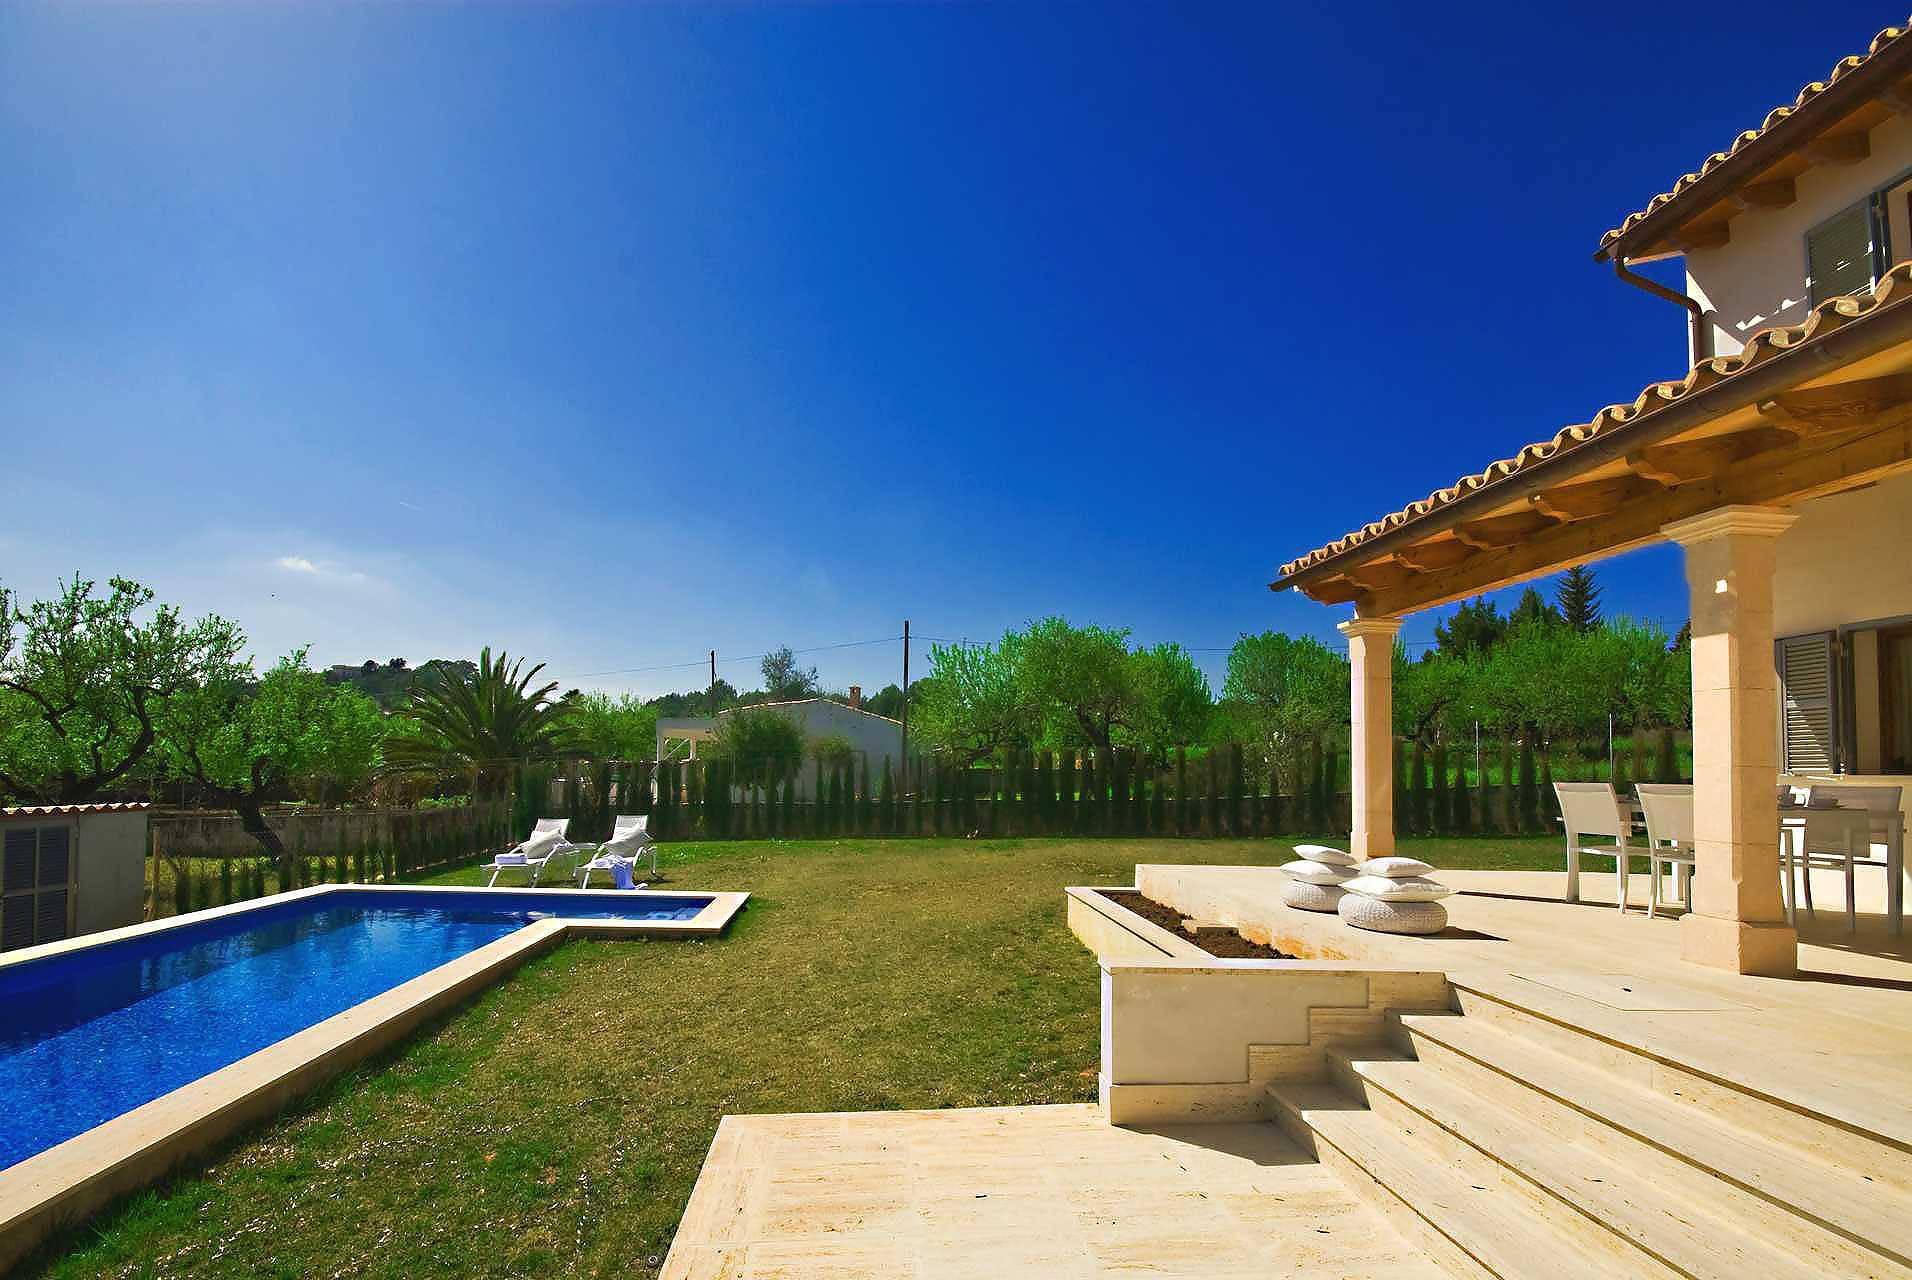 01-79 Design Finca Mallorca North Bild 9